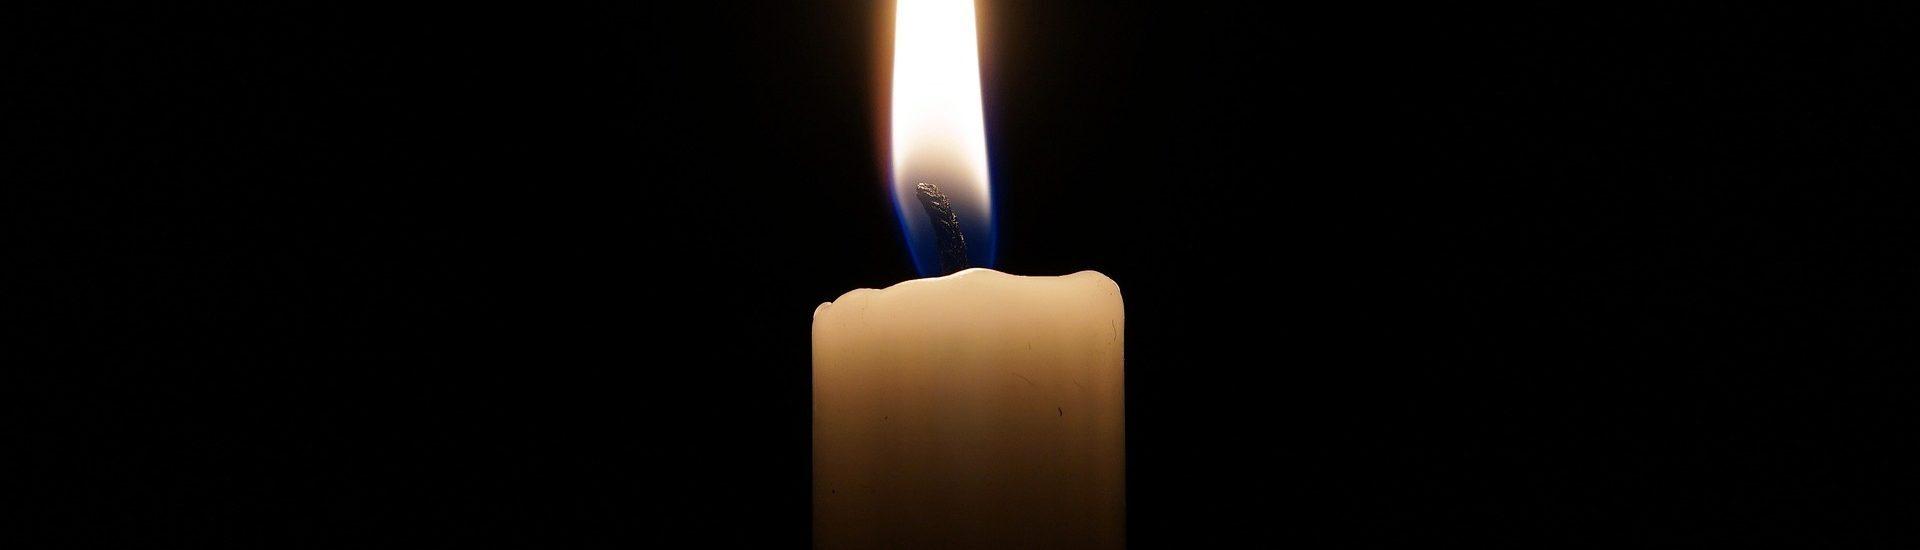 Vela encendida al no tener luz eléctrica